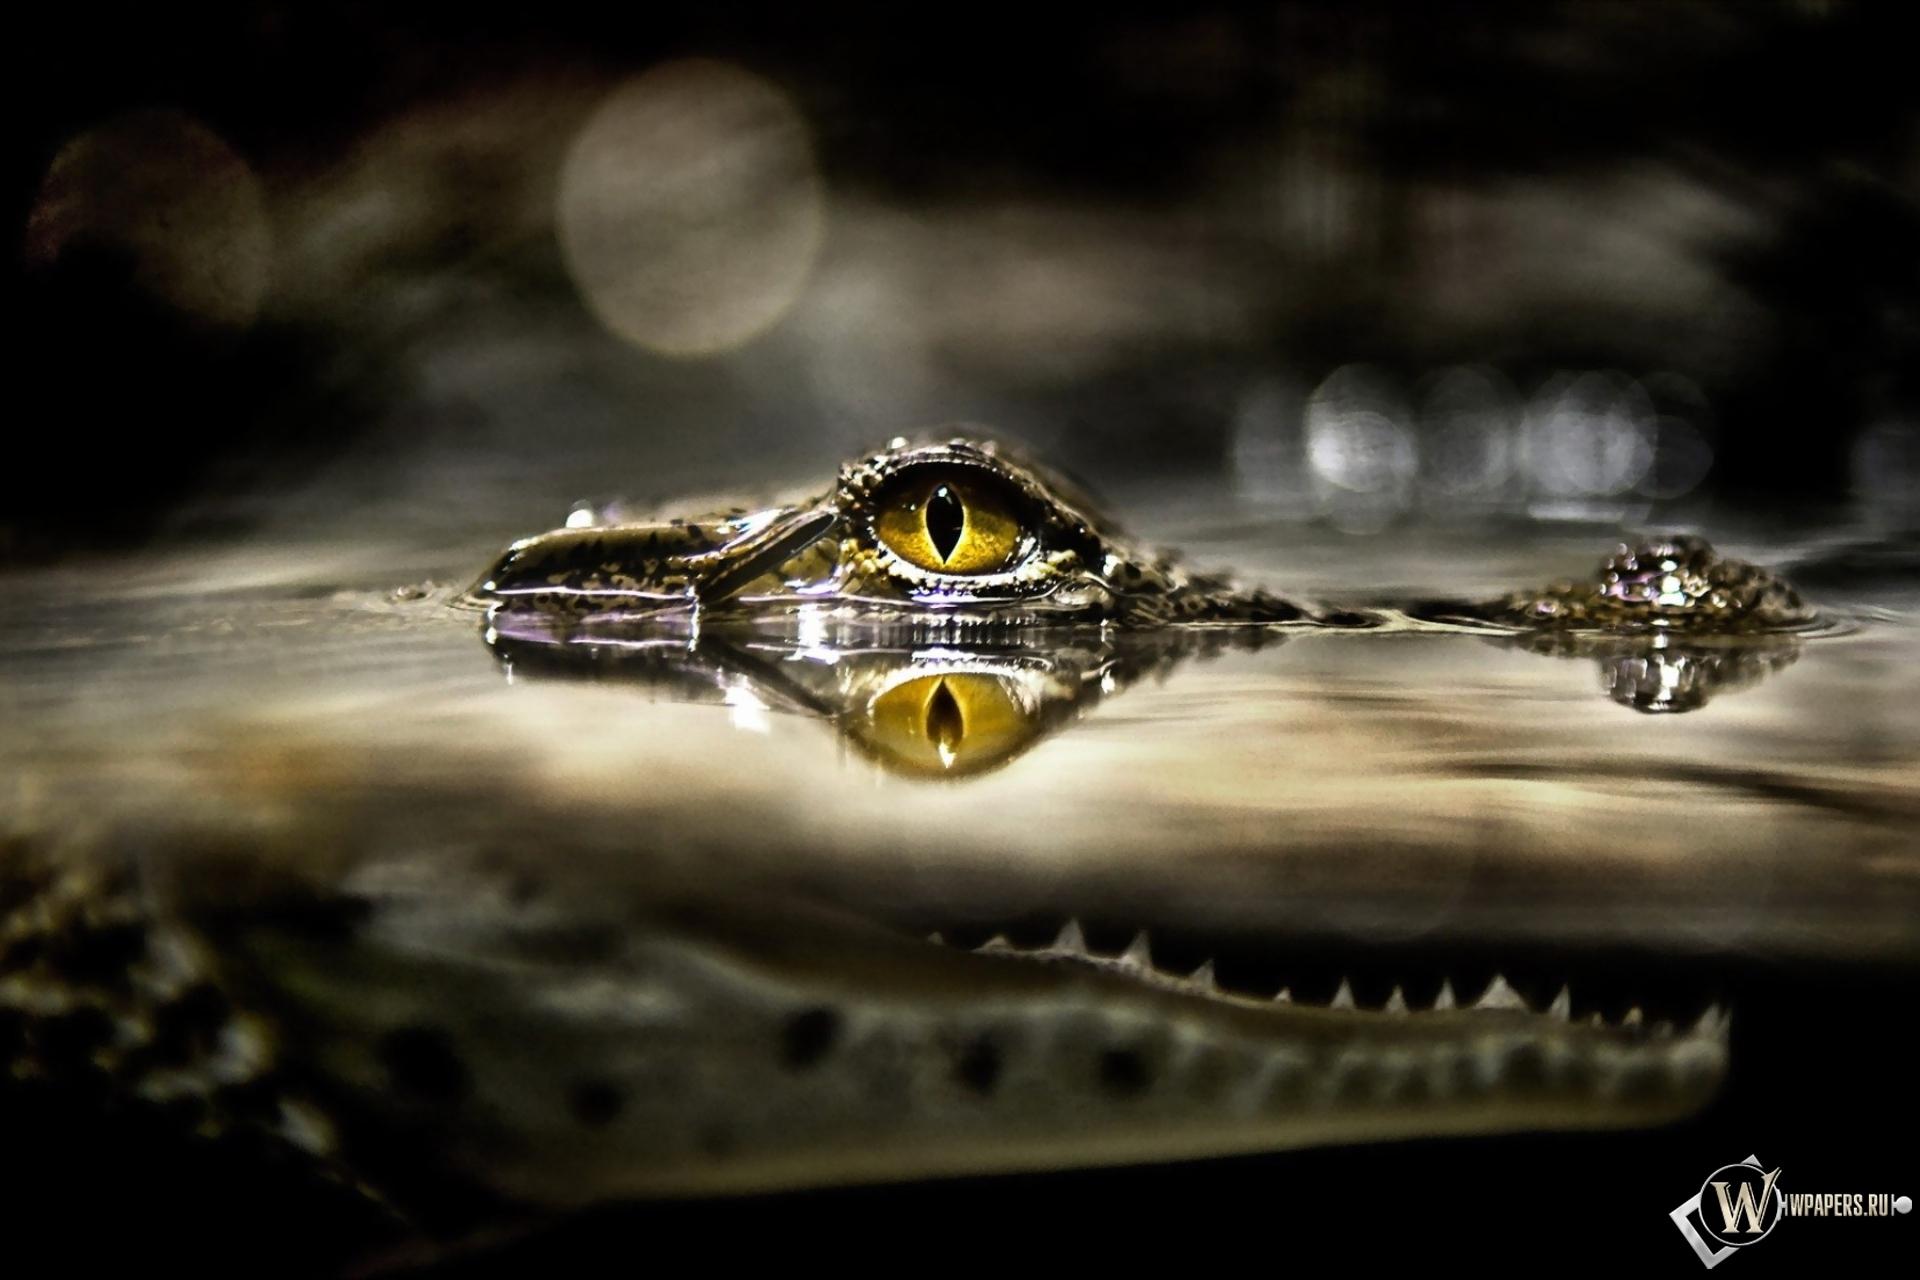 Обои рабочего стола крокодилы 8